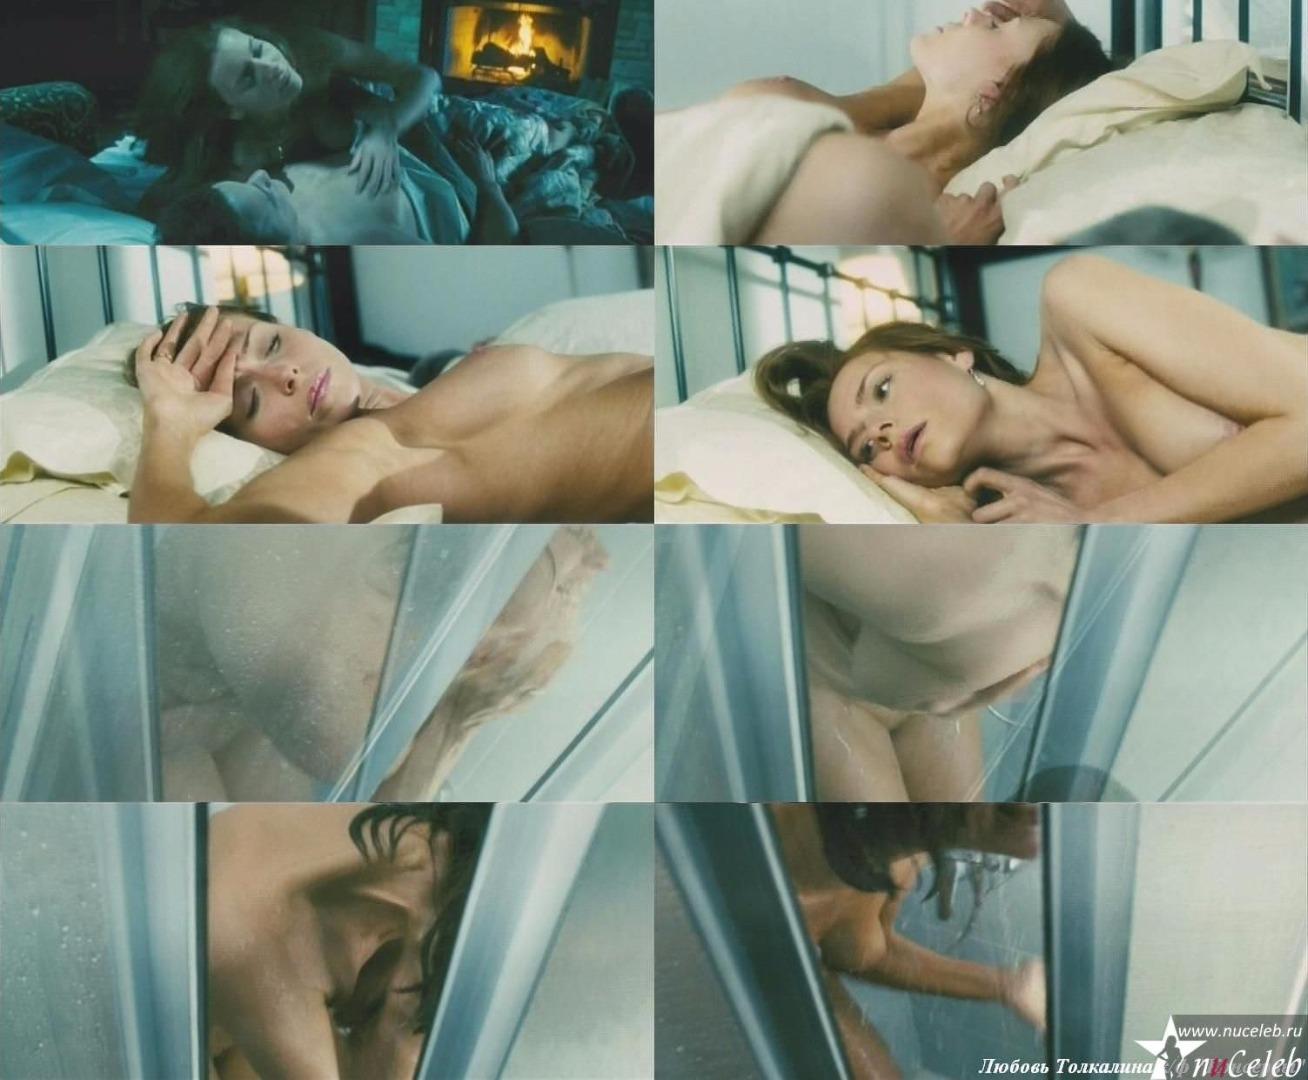 картина видео с голой любови толкалиной сама мать